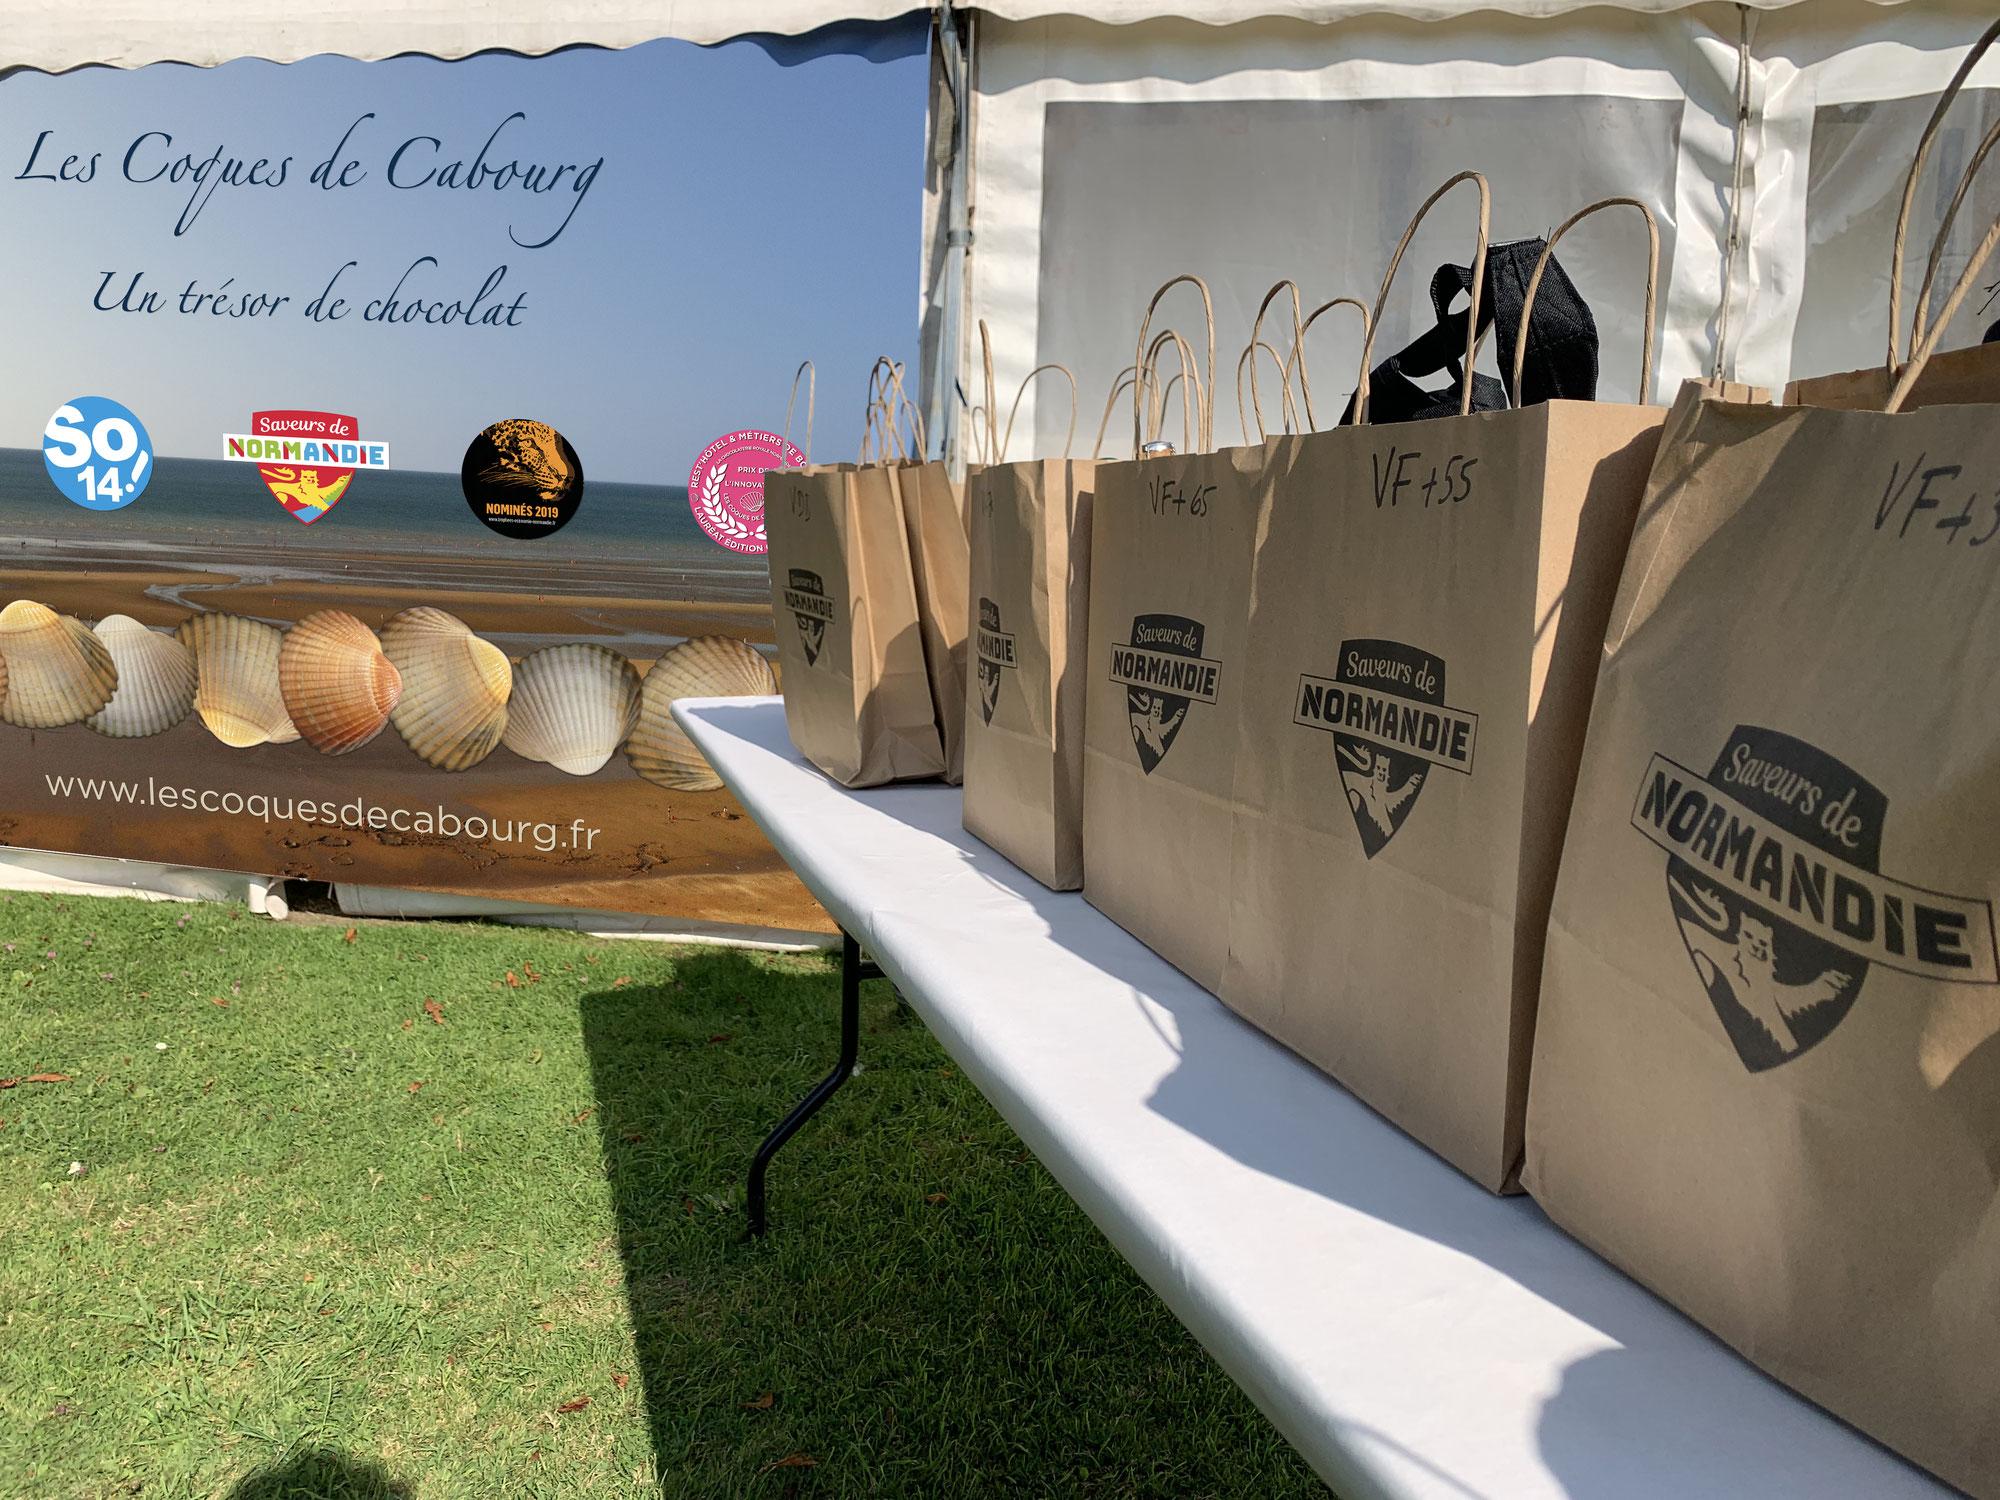 Les Coques de Cabourg soutiennent le tennis à Cabourg